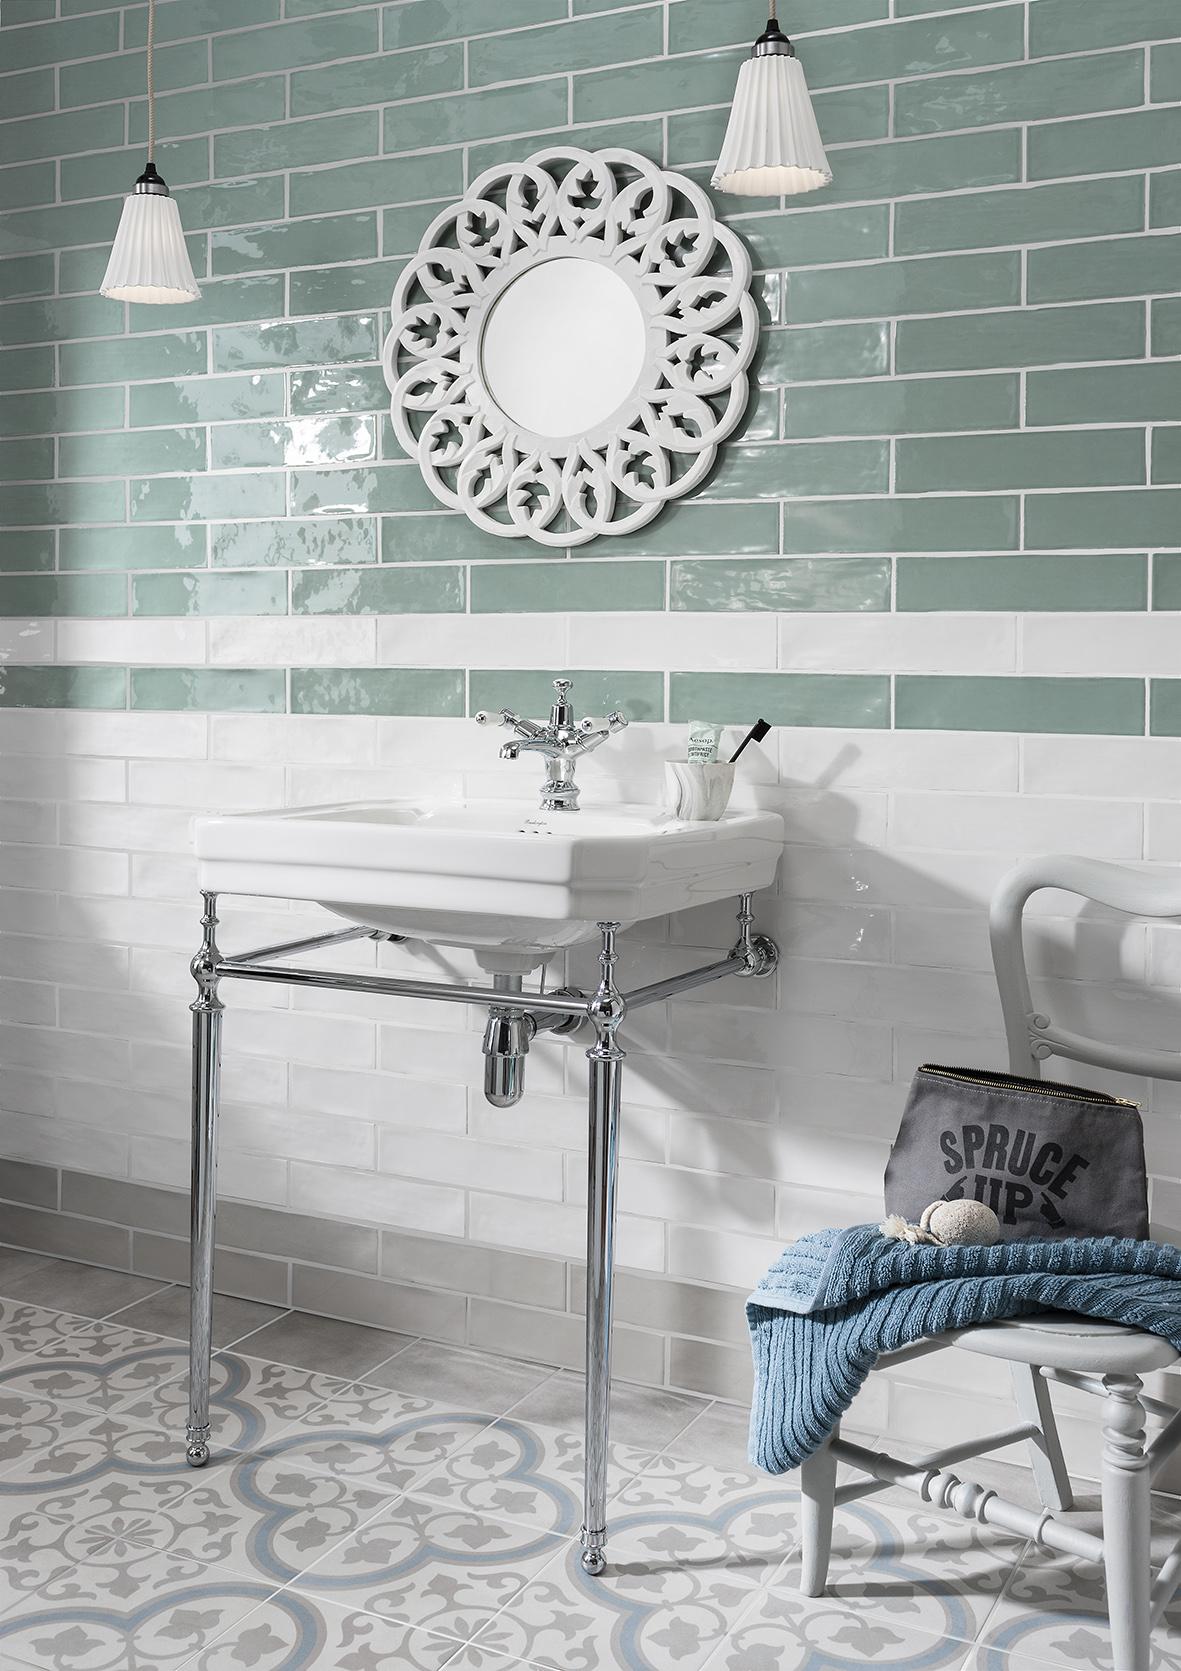 Gemini Tile - Havana Silver Floor Tiles